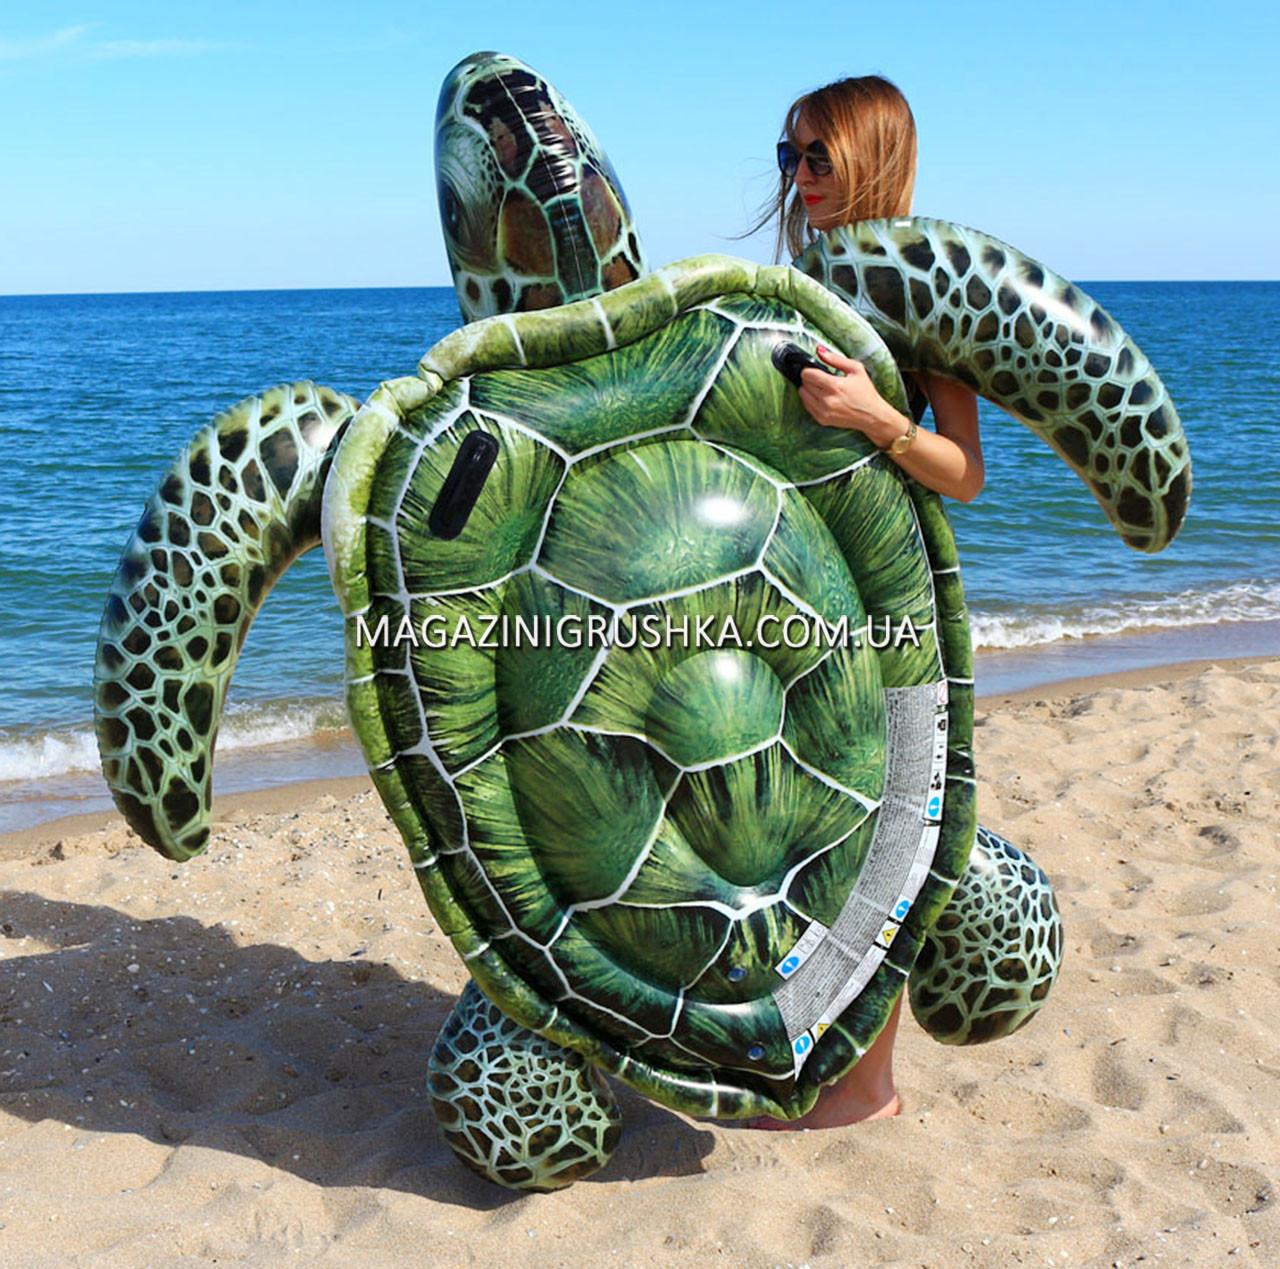 Матрас надувной Intex Черепаха (Popsicle) арт.57555. Отлично подходит для отдыха на море, в бассейне